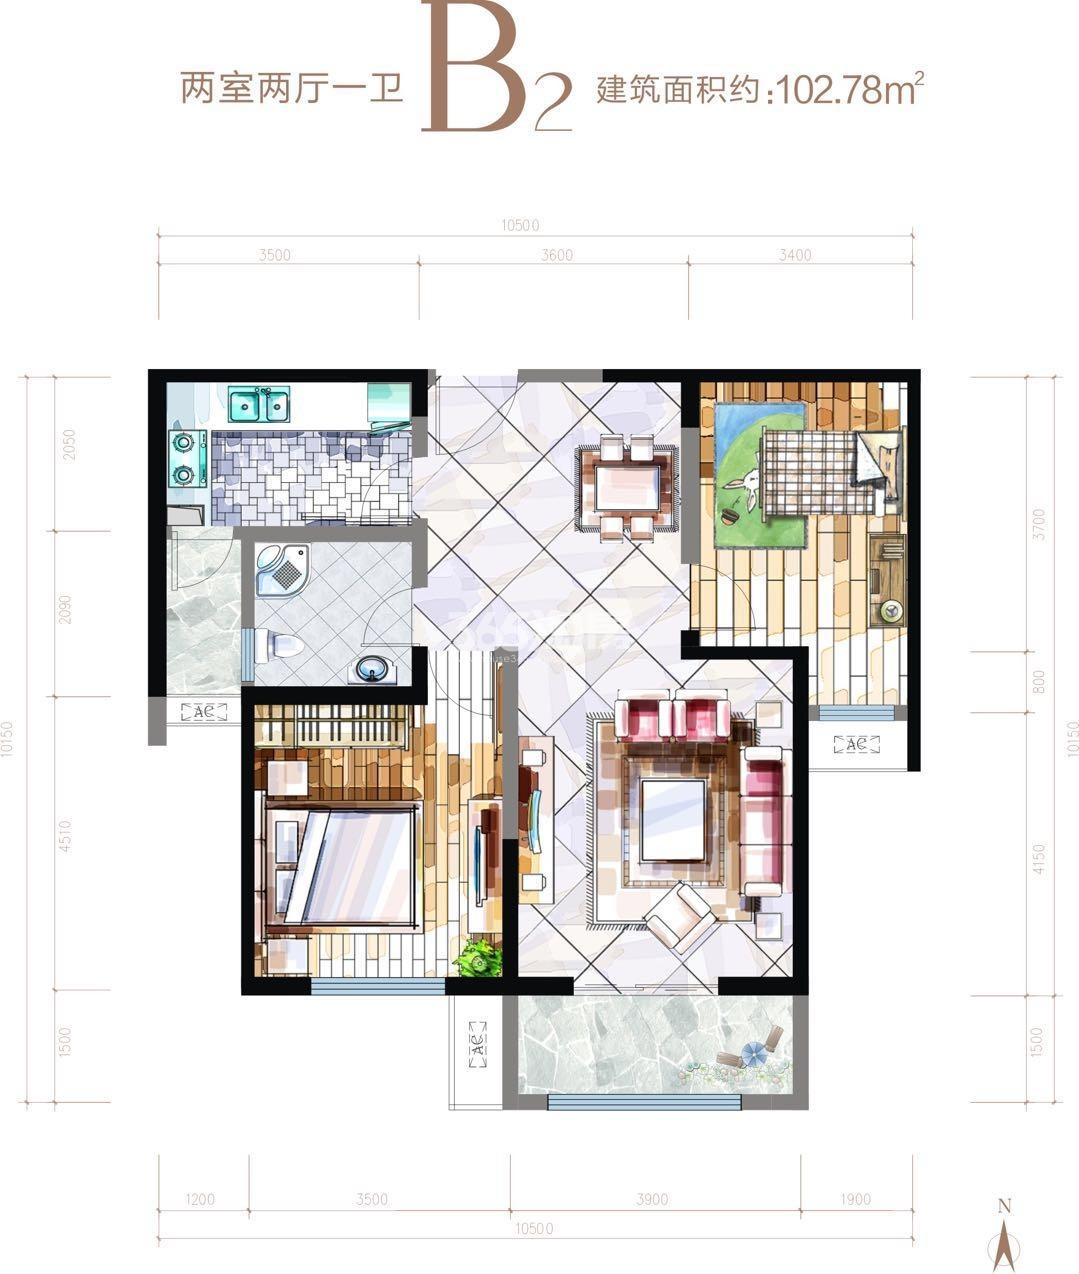 华安紫竹苑B2两室两厅一厨一卫102.78㎡